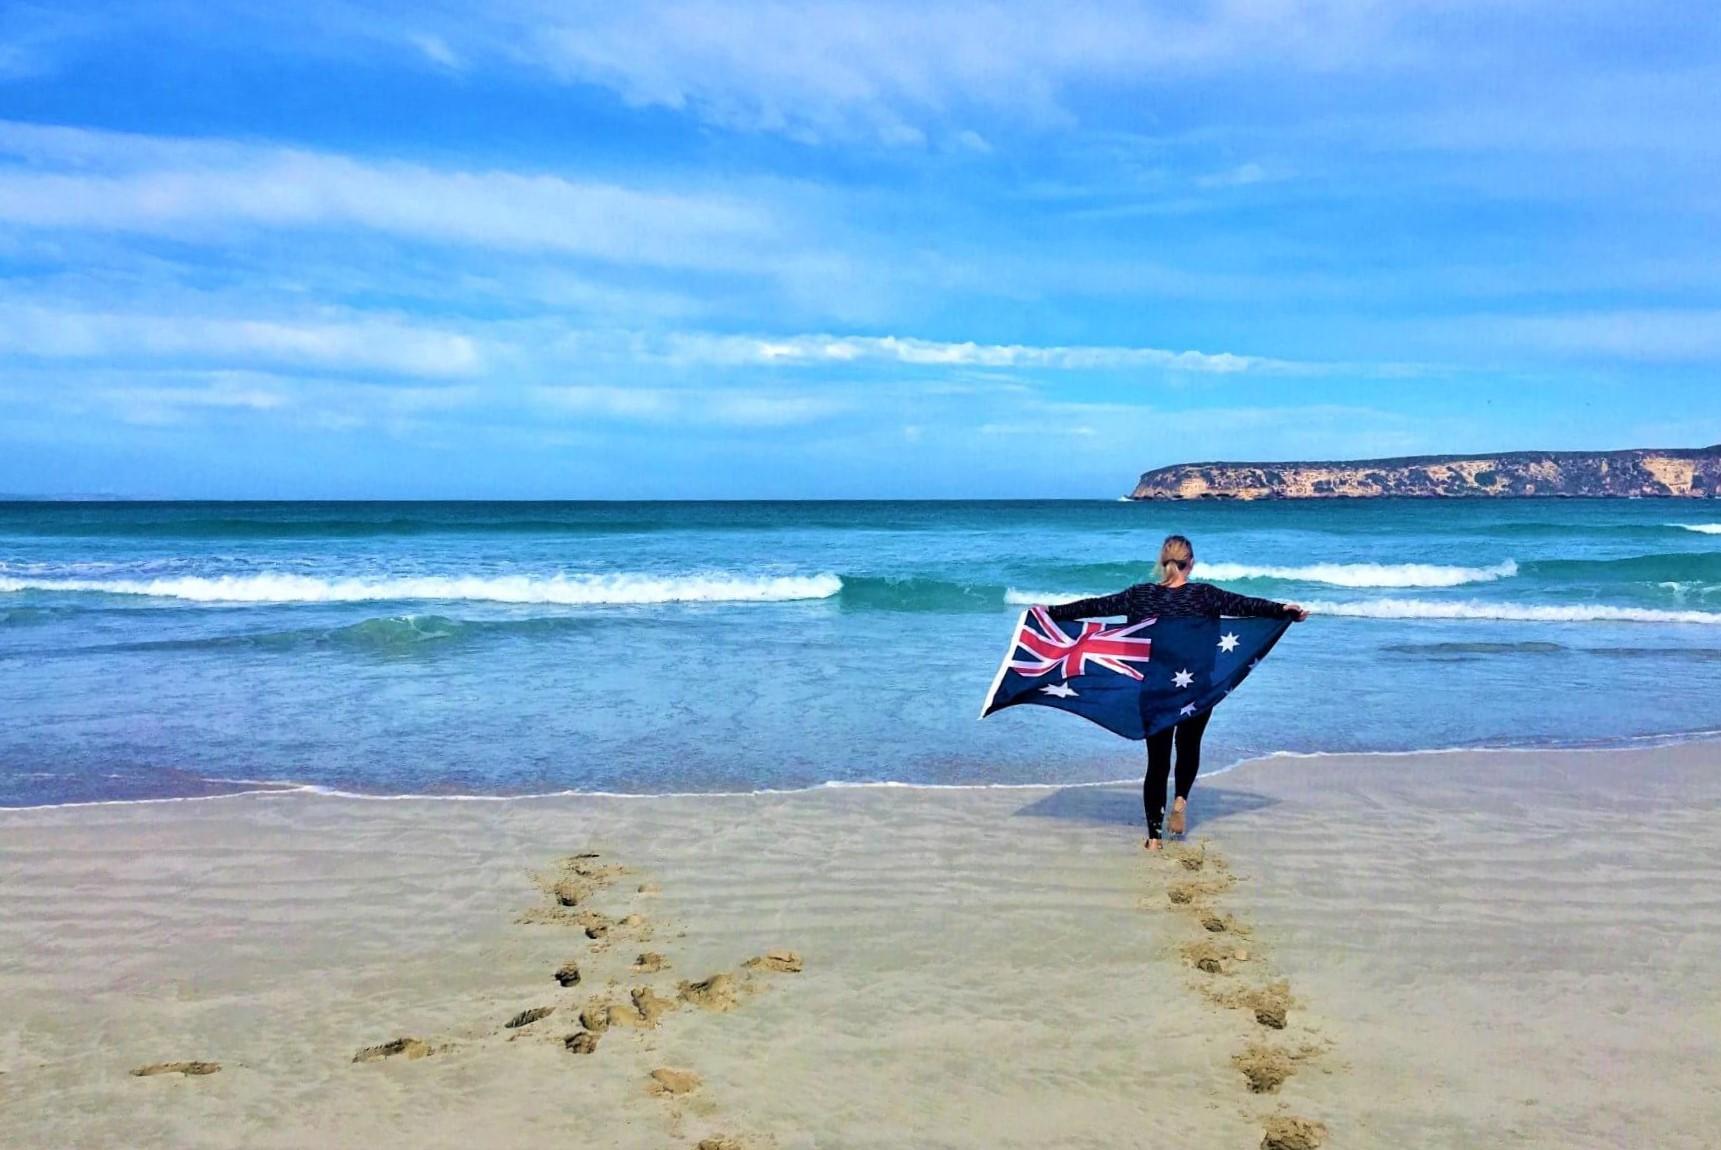 Schöner Strand in Australien